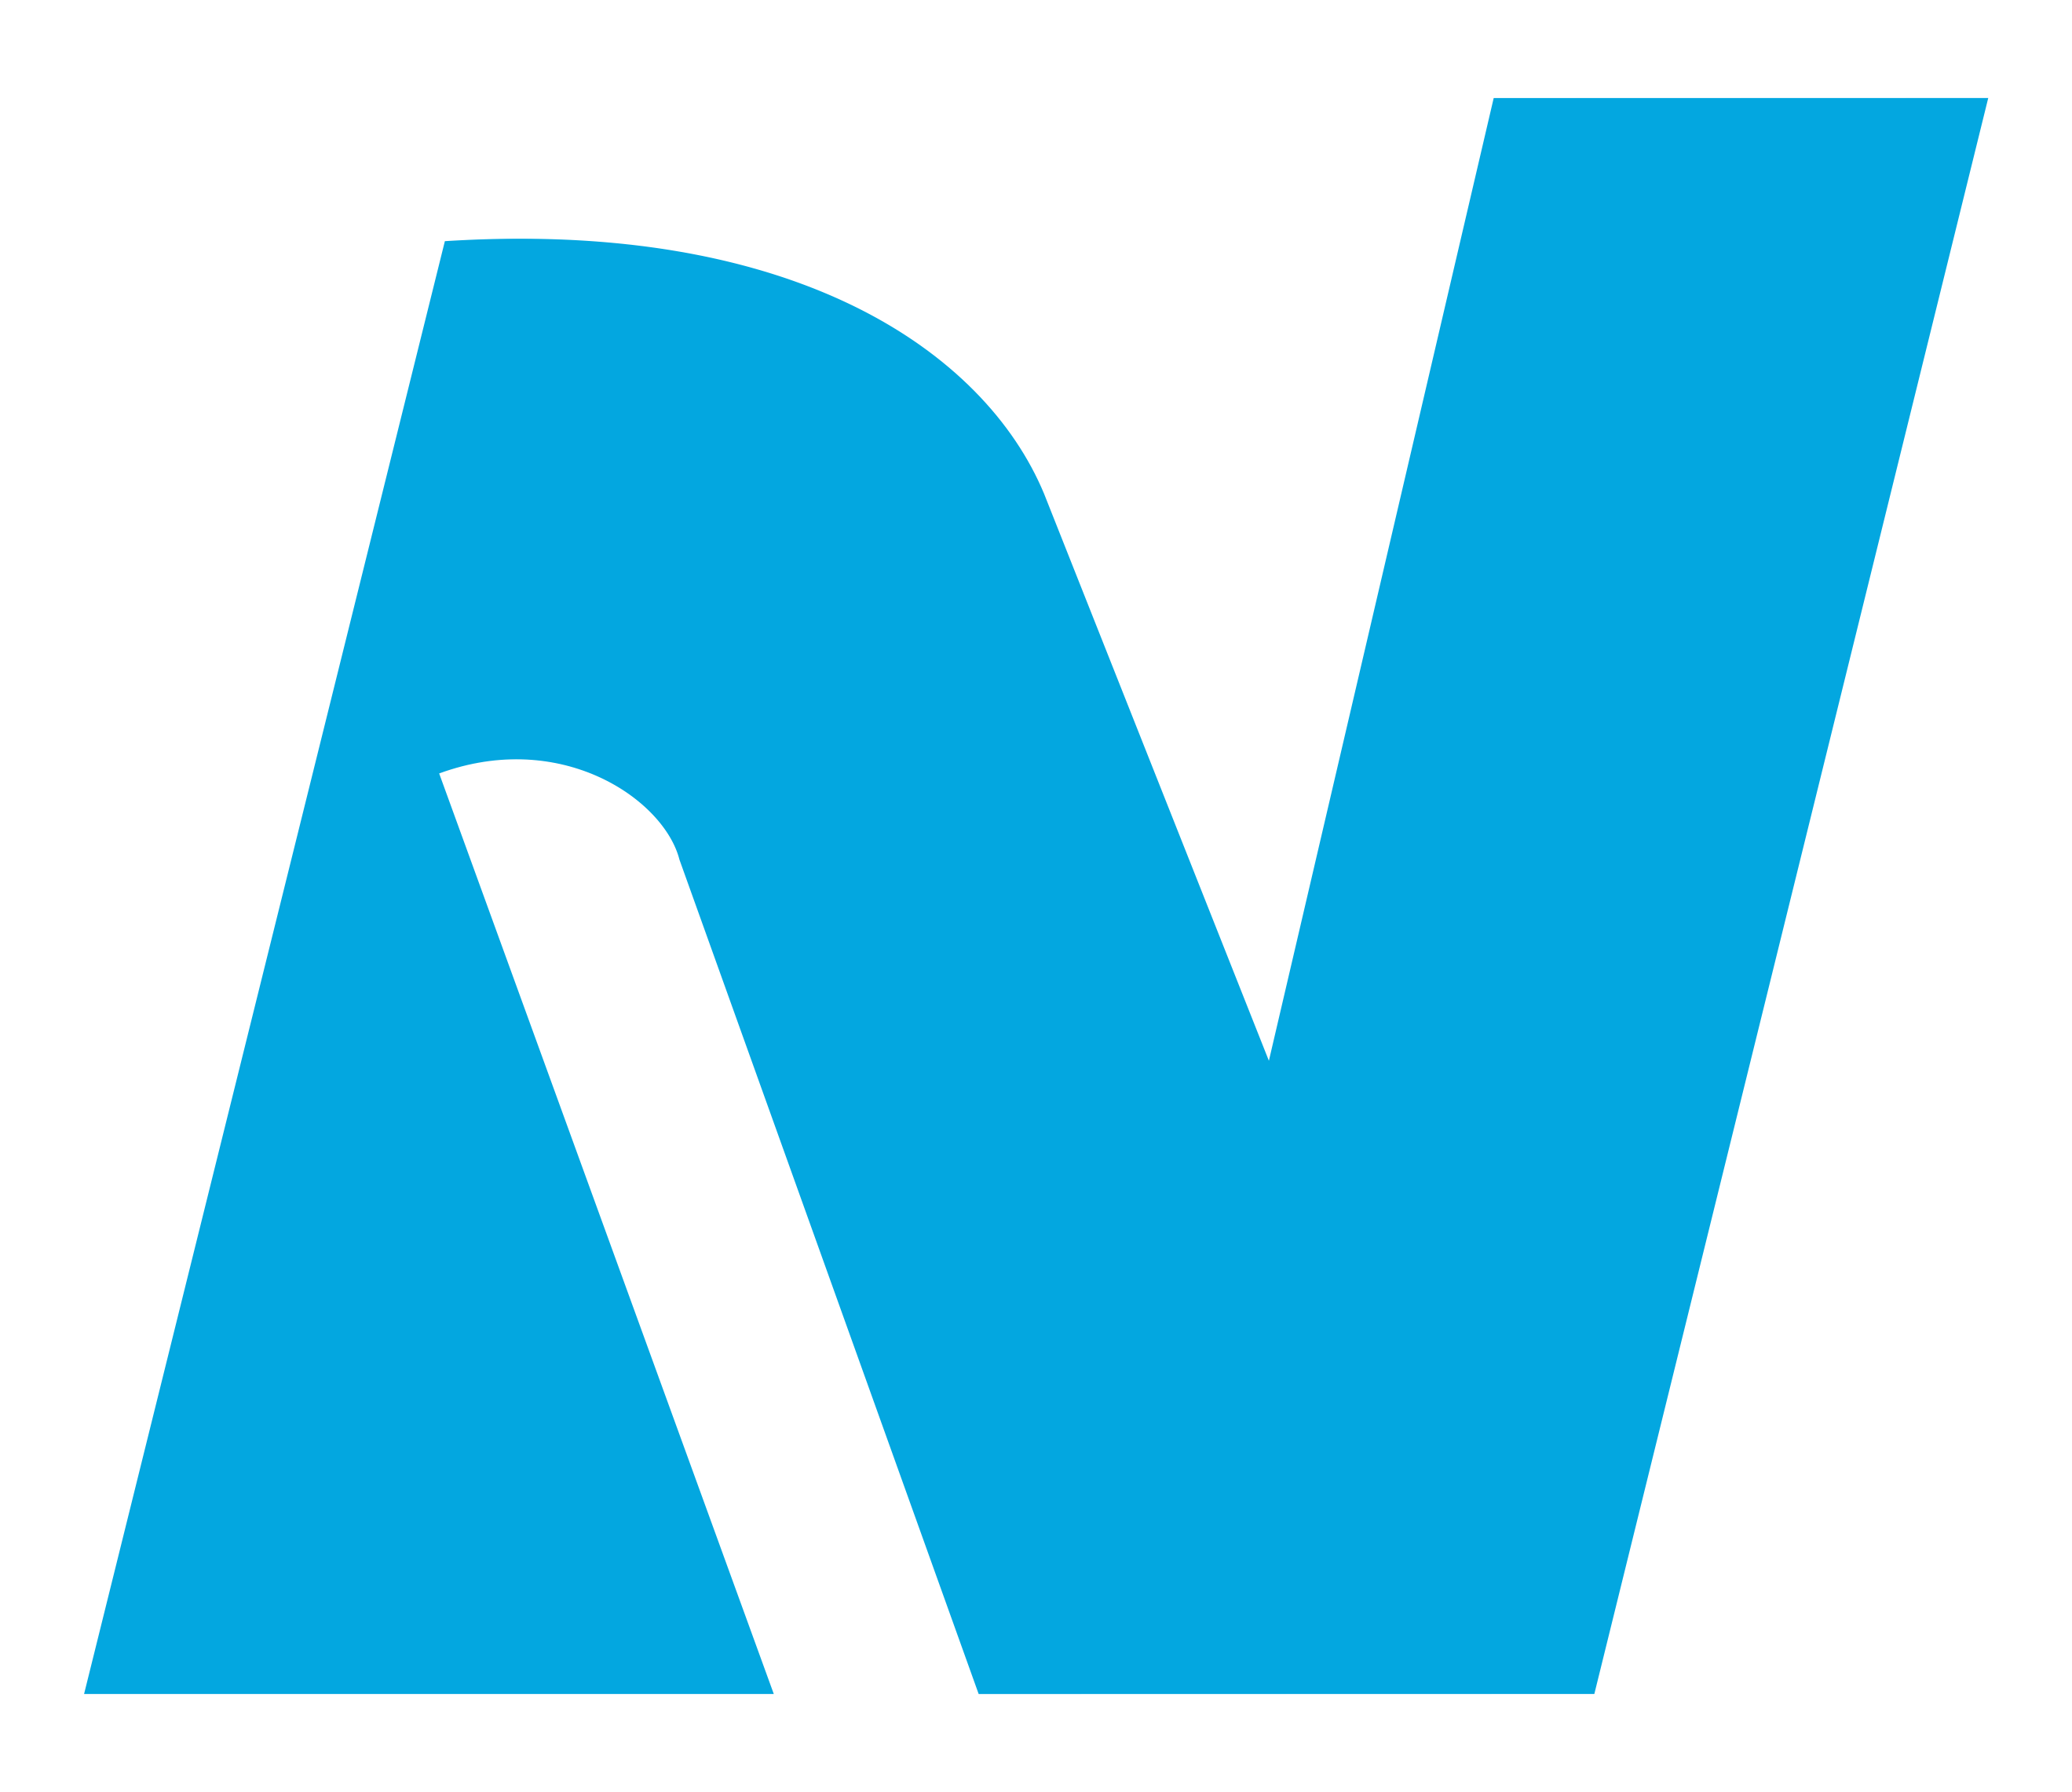 logo-nl-pantone-2995c.png